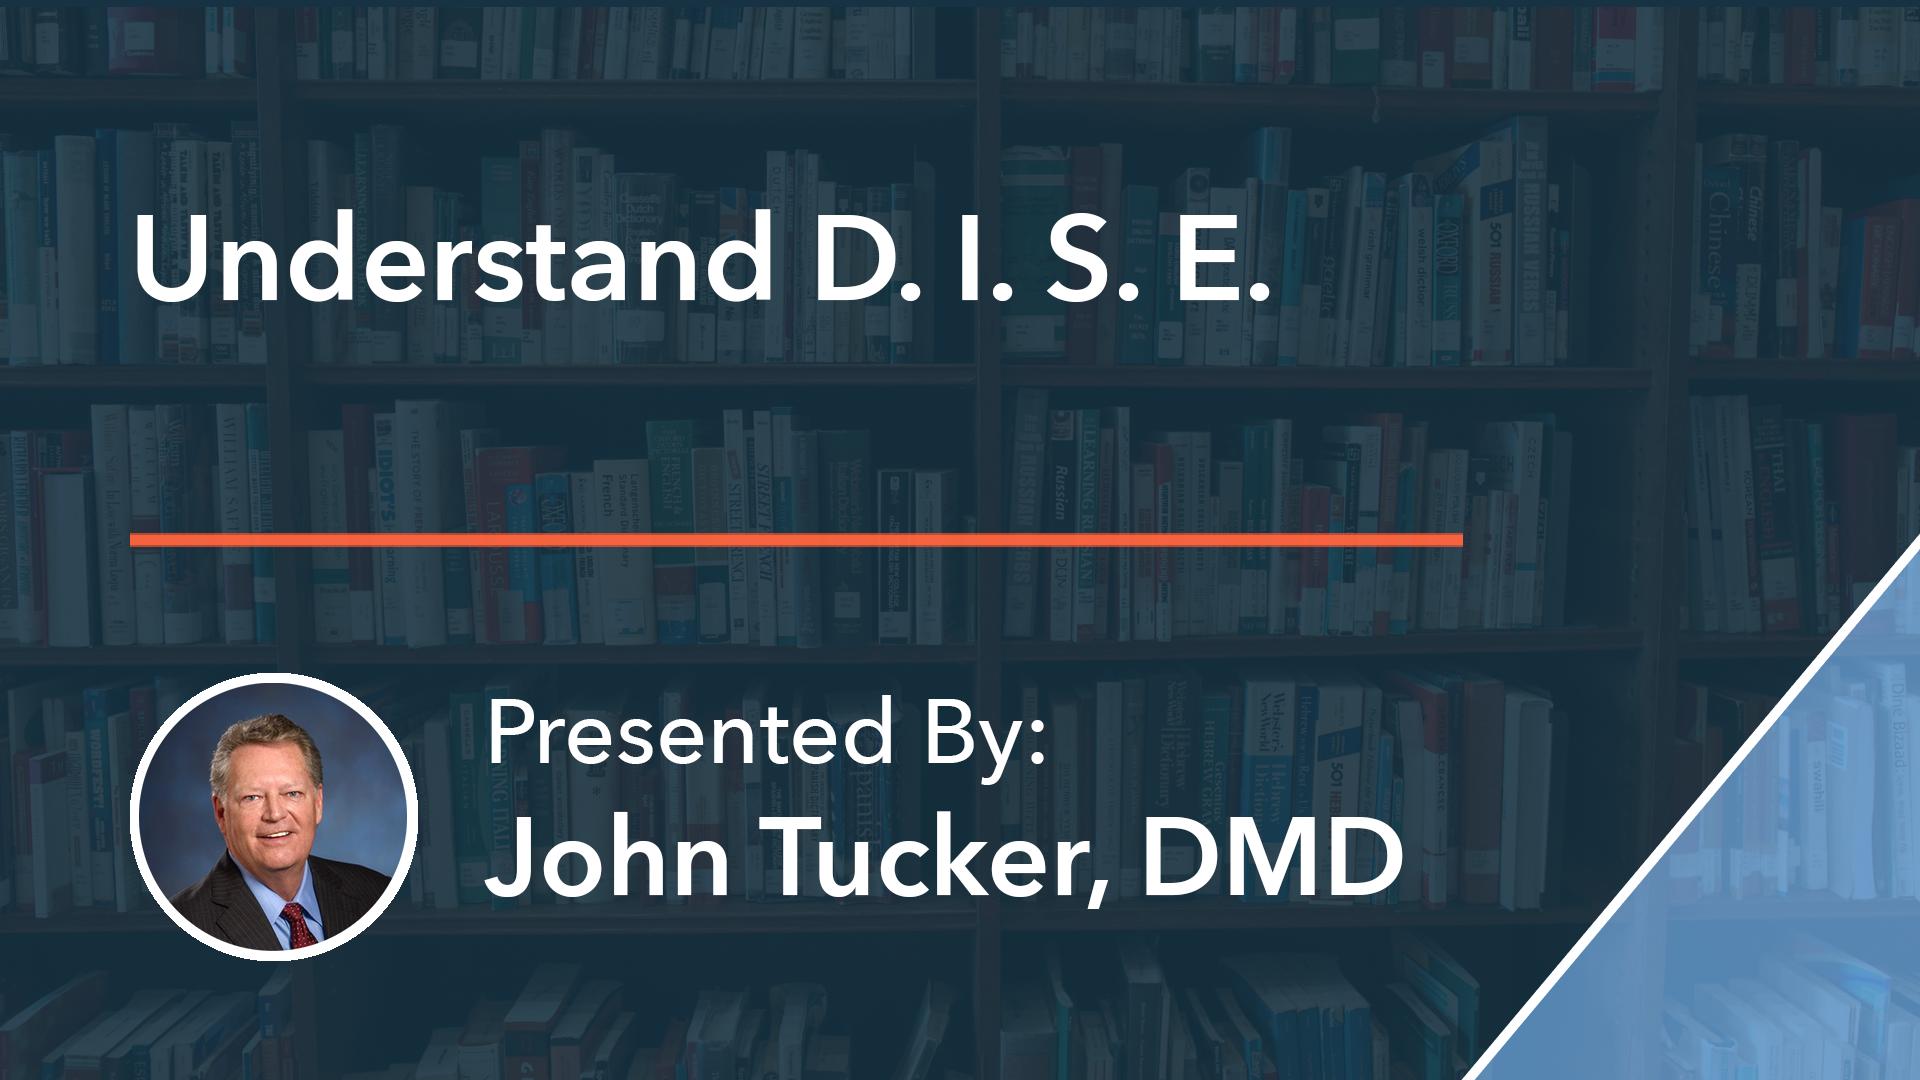 Understand D. I. S. E Dr John Tucker